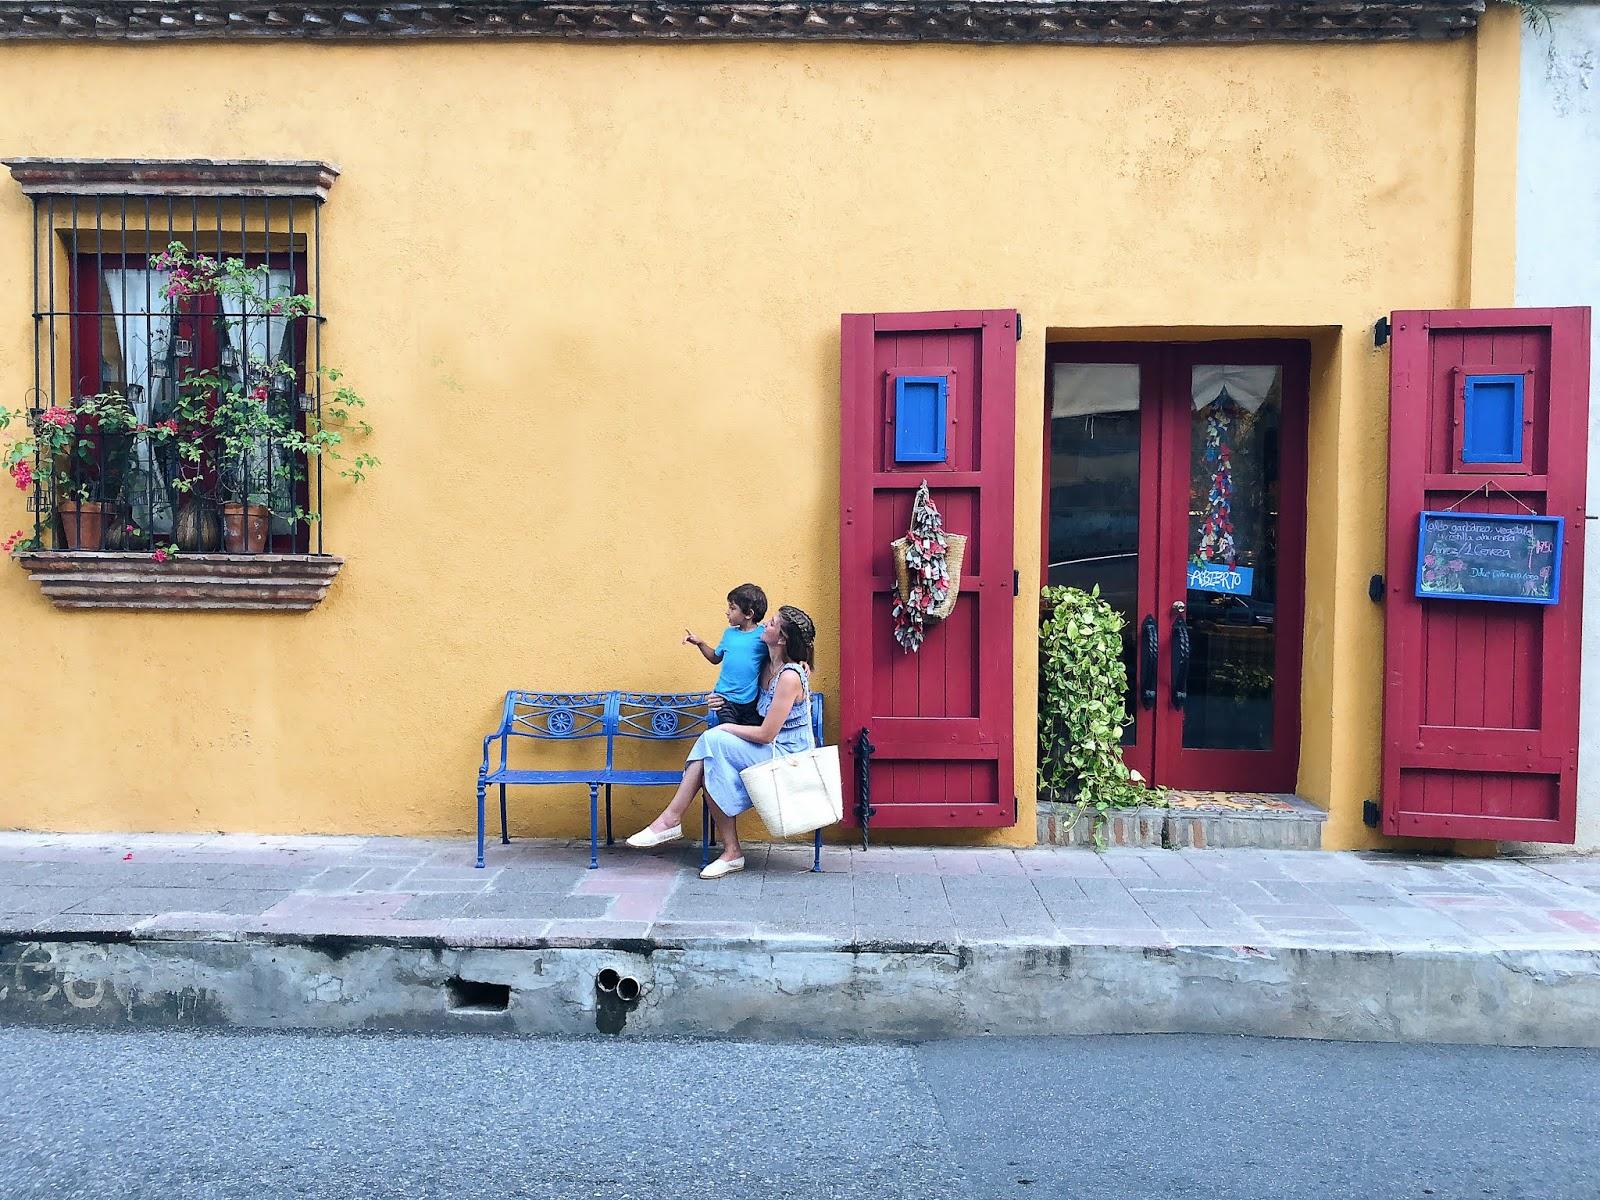 Arte Boheme, Dominican Republic, places to visit in dominican republic, zona colonial, la zona colonial, republica dominicana, visit dominican republic, visit zona colonial,